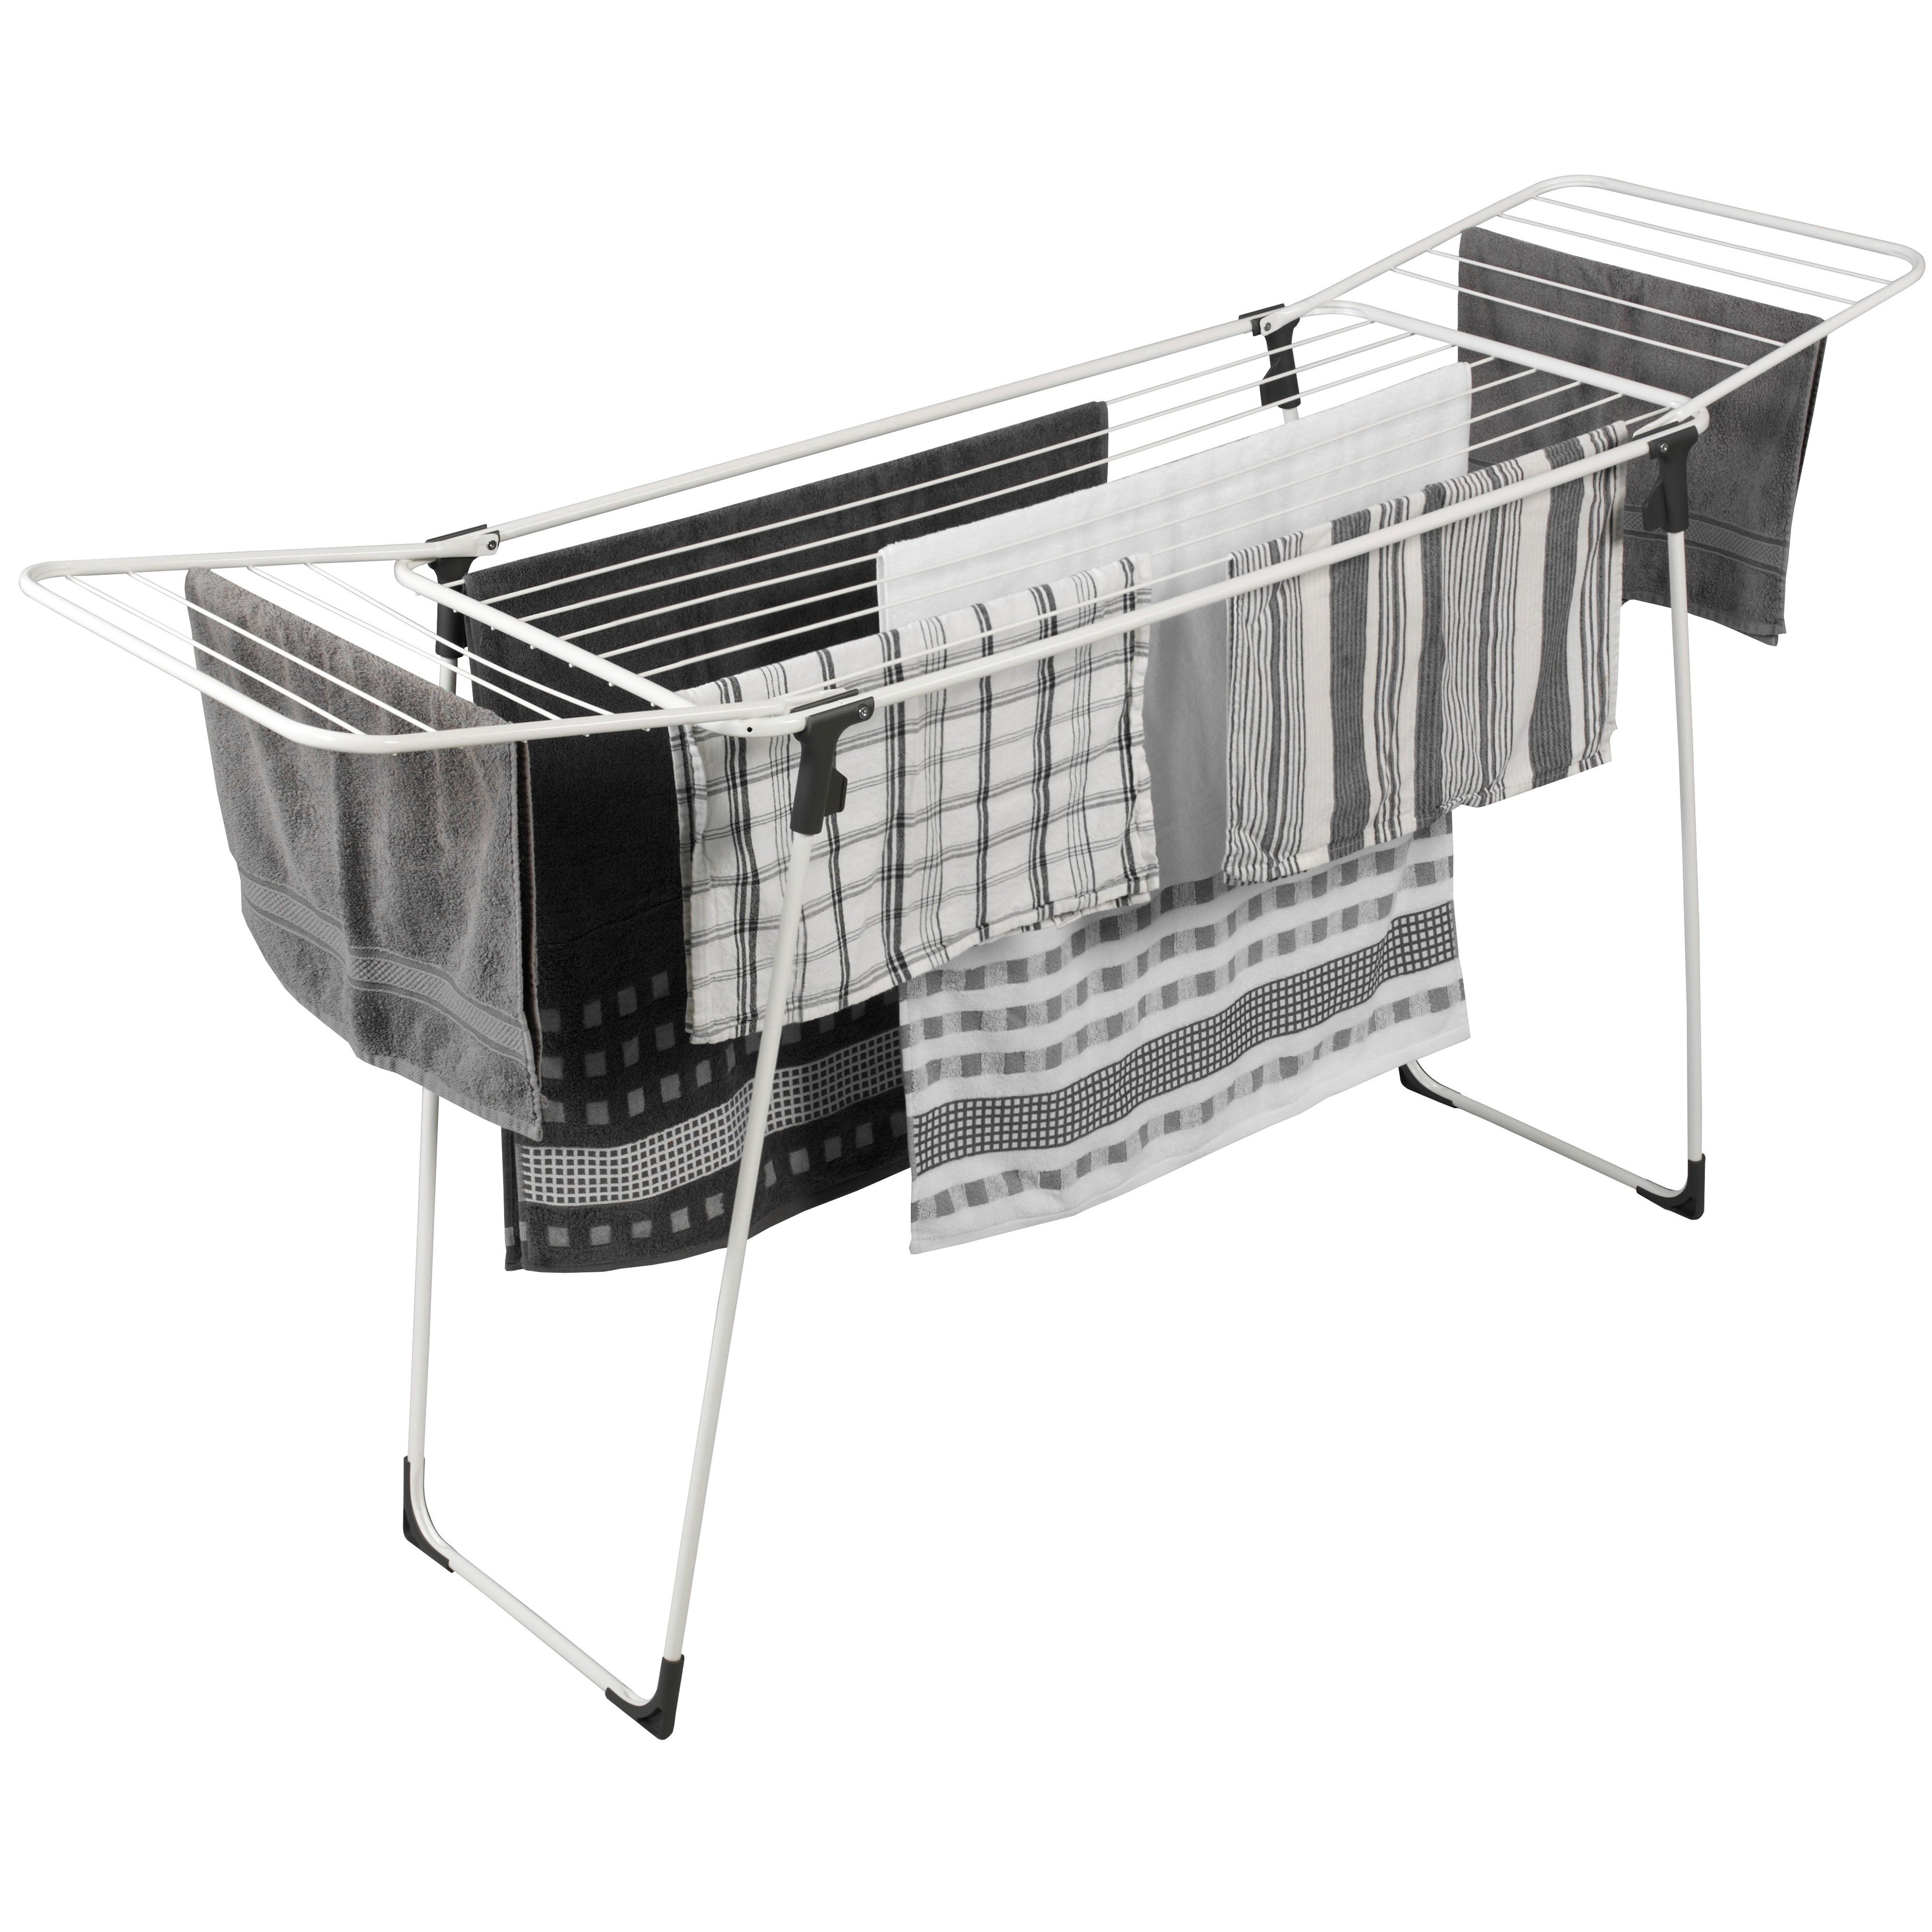 Electrolux Tvättmaskin FW31K7146 - Tvättmaskin - Elgiganten